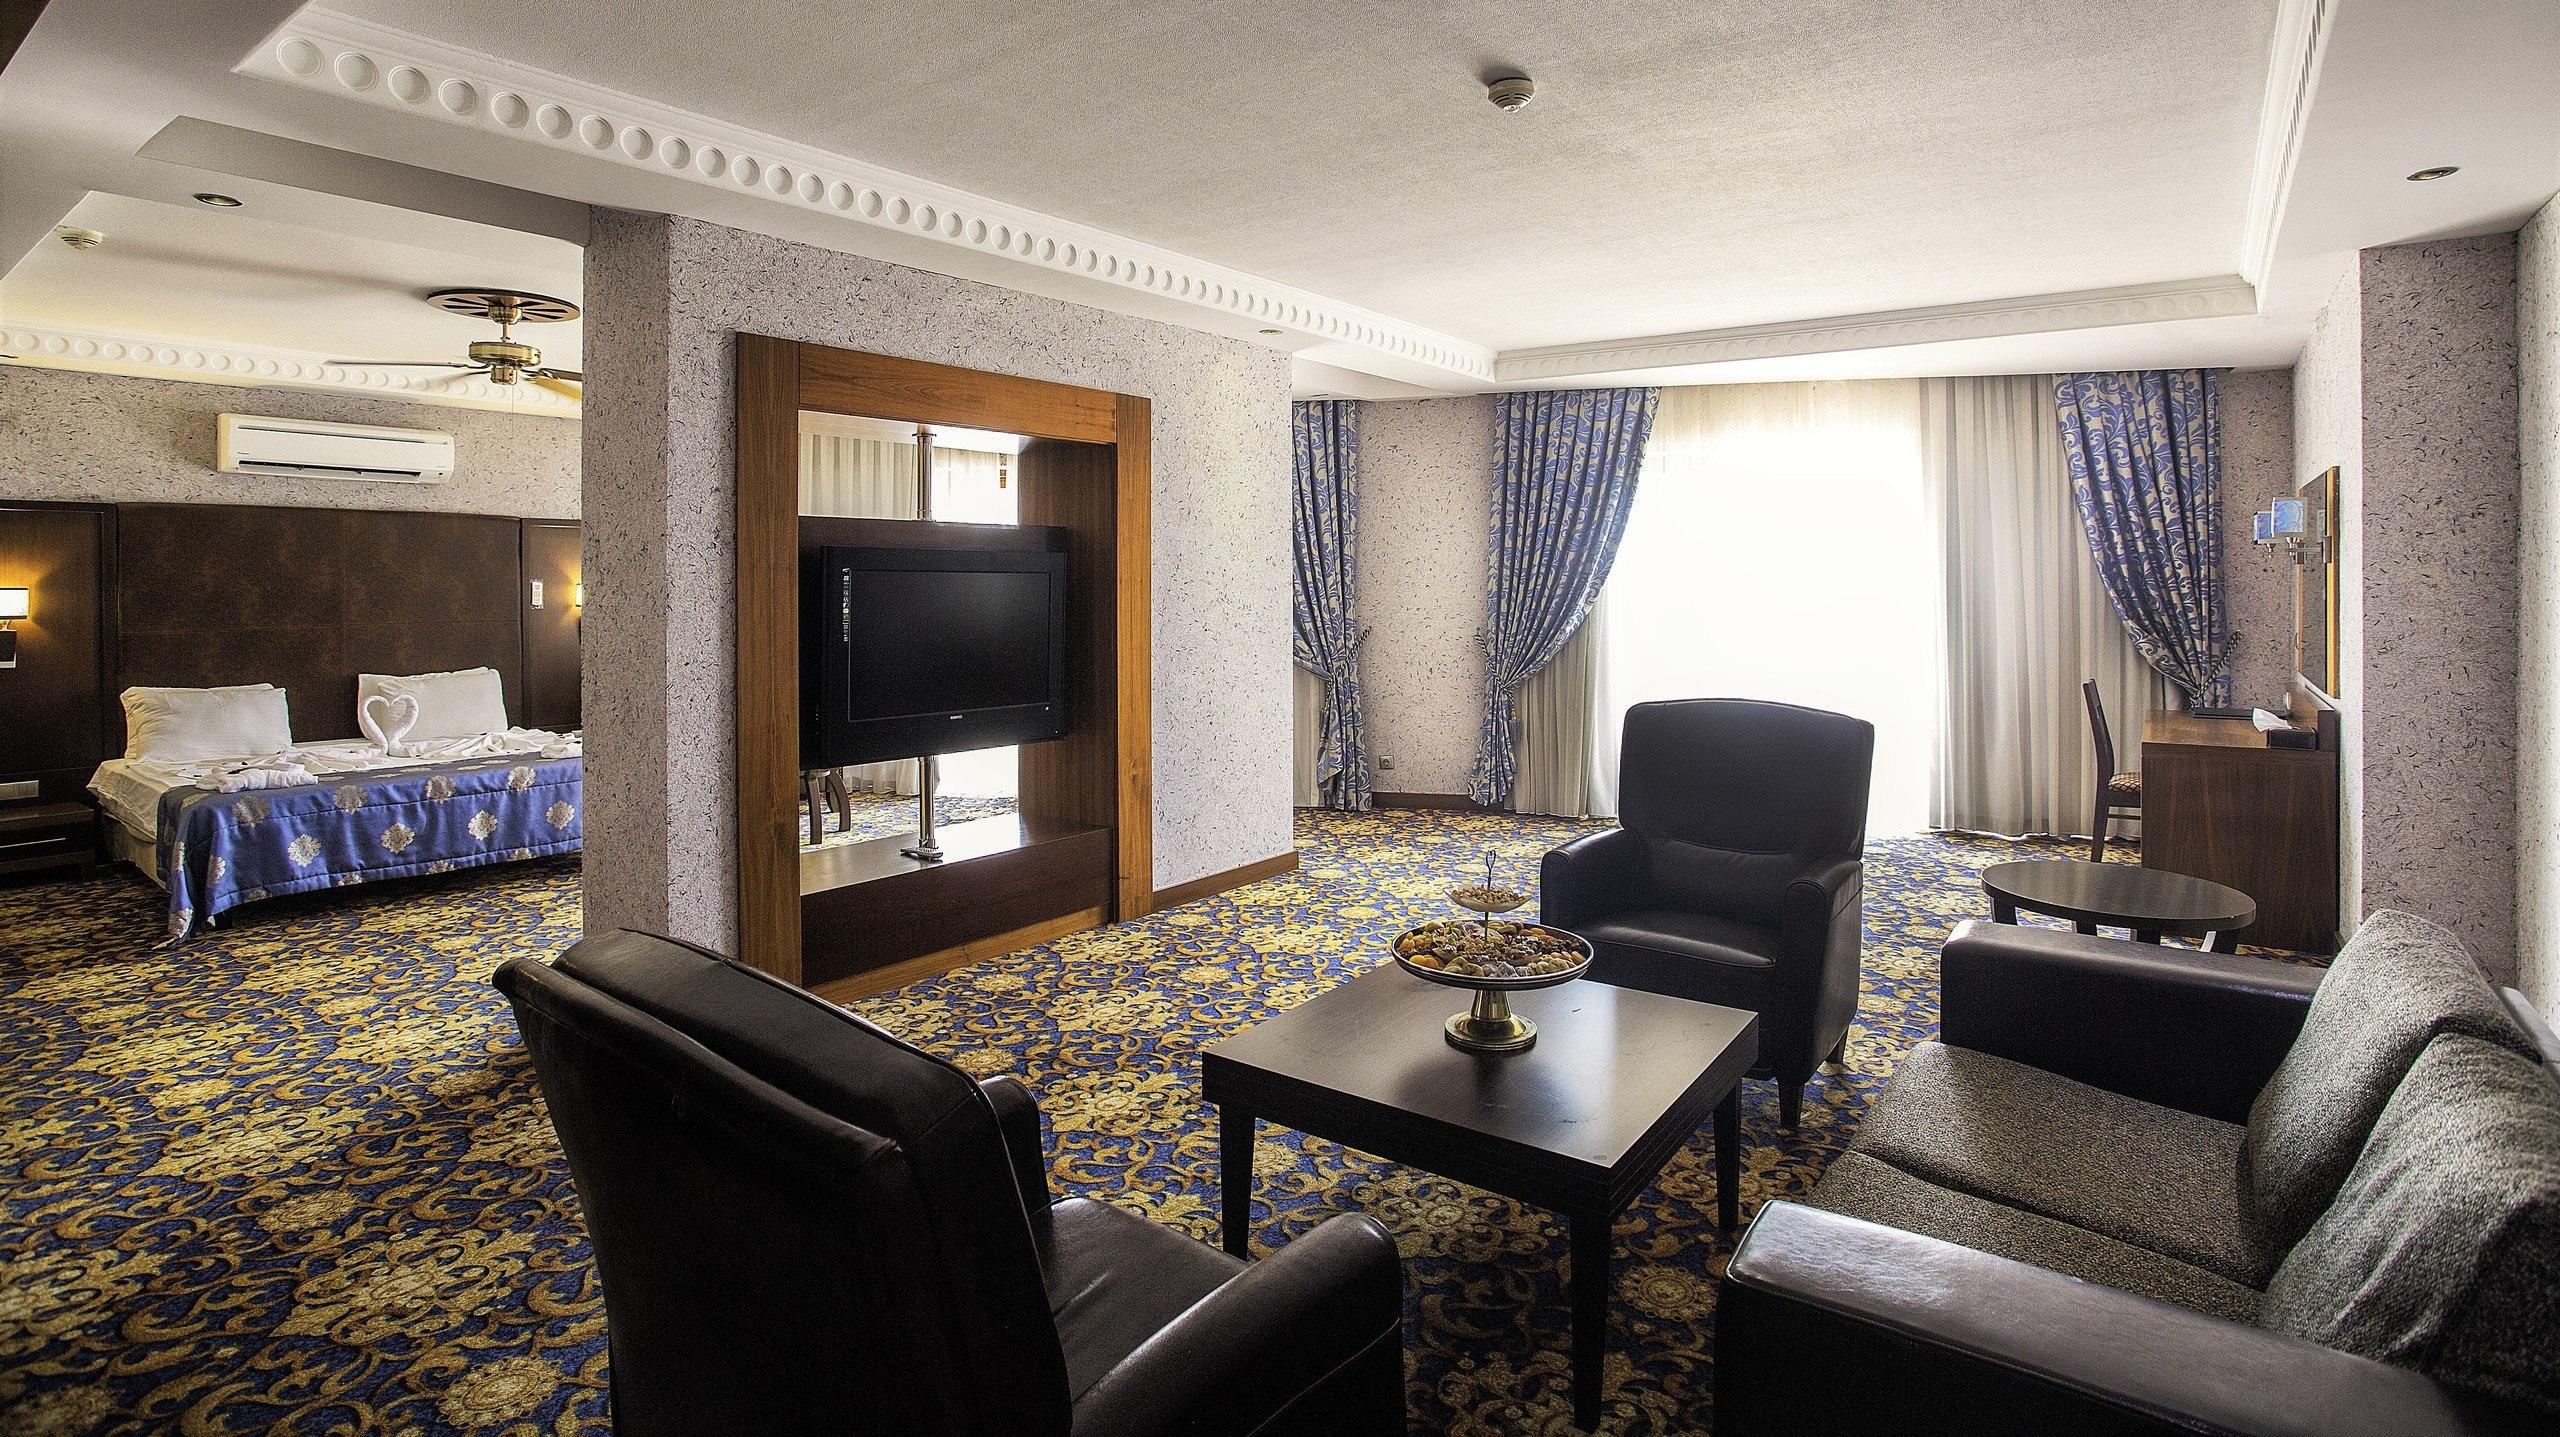 BERA HOTEL249368